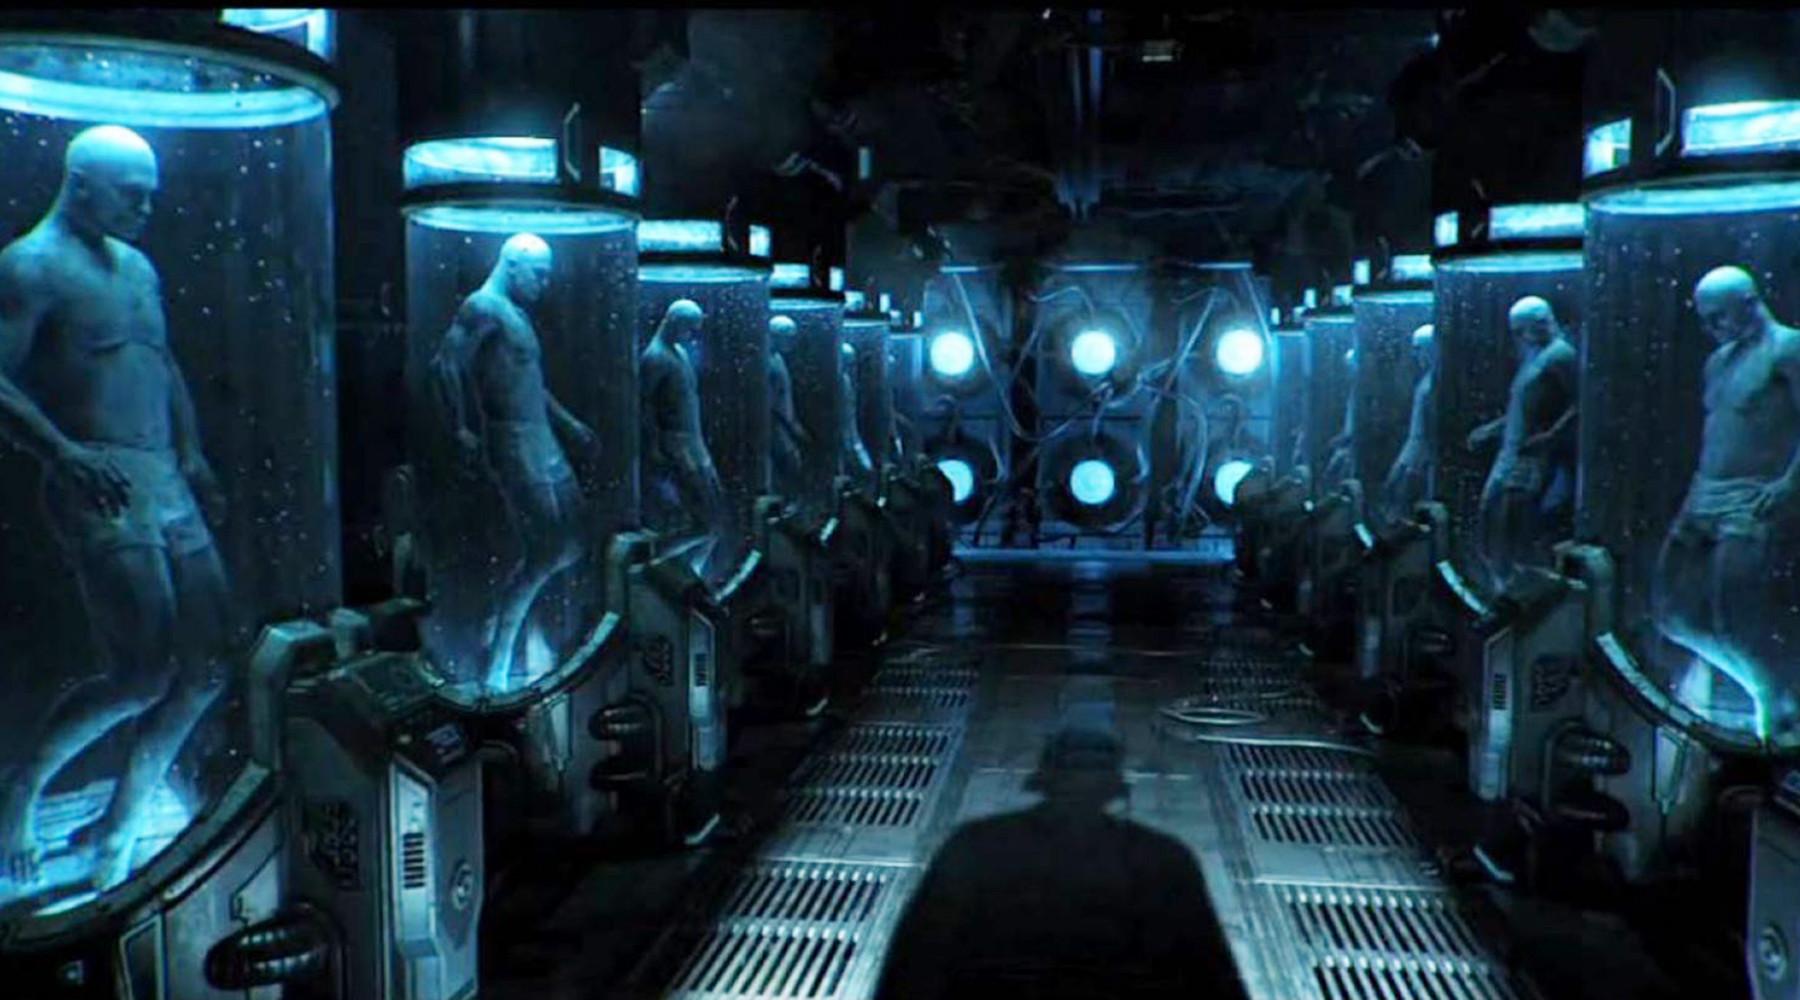 «Противоречит автономии личности»: чем опасно клонирование человека